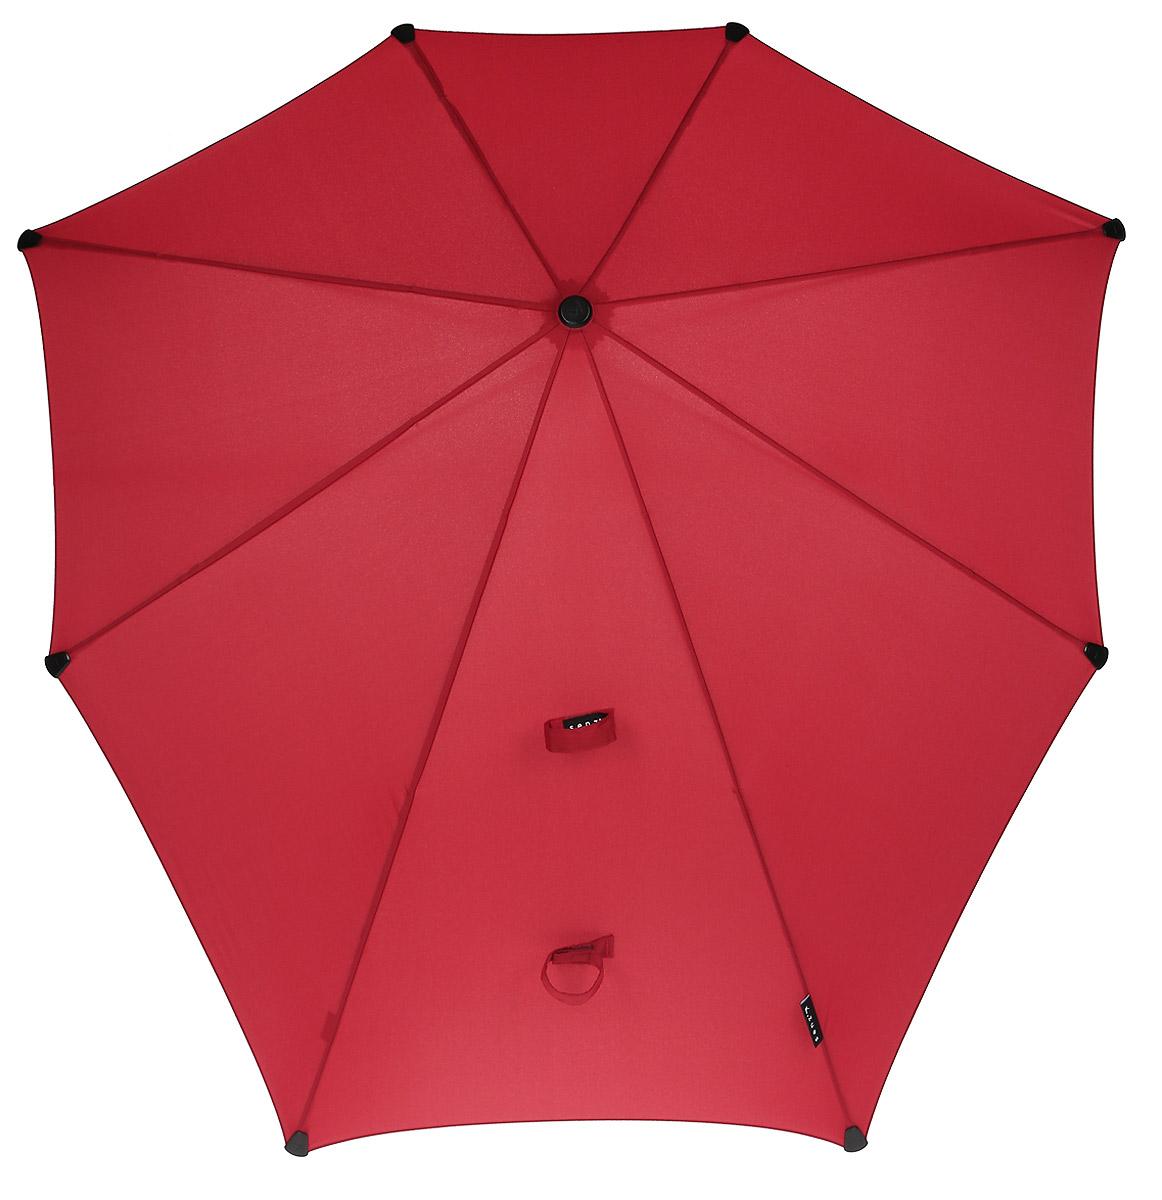 Зонт-трость Senz, цвет: красный. 201104745100032/35449/3537AЗонт-трость Senz - инновационный противоштормовый зонт, выдерживающий любую непогоду. Форма купола продумана так, что вы легко найдете самое удобное положение на ветру - без паники и без борьбы со стихией. Закрывает спину от дождя. Благодаря своей усовершенствованной конструкции, зонт не выворачивается наизнанку даже при сильном ветре. Модель Senz Original выдержала испытания в аэротрубе со скоростью ветра 100 км/ч.Характеристики: тип - трость, выдерживает порывы ветра до 100 км/ч, УФ-защита 50+, удобная мягкая ручка, безопасные колпачки на кончиках спиц, в комплекте прочный чехол из плотной ткани с лямкой на плечо, гарантия 2 года.